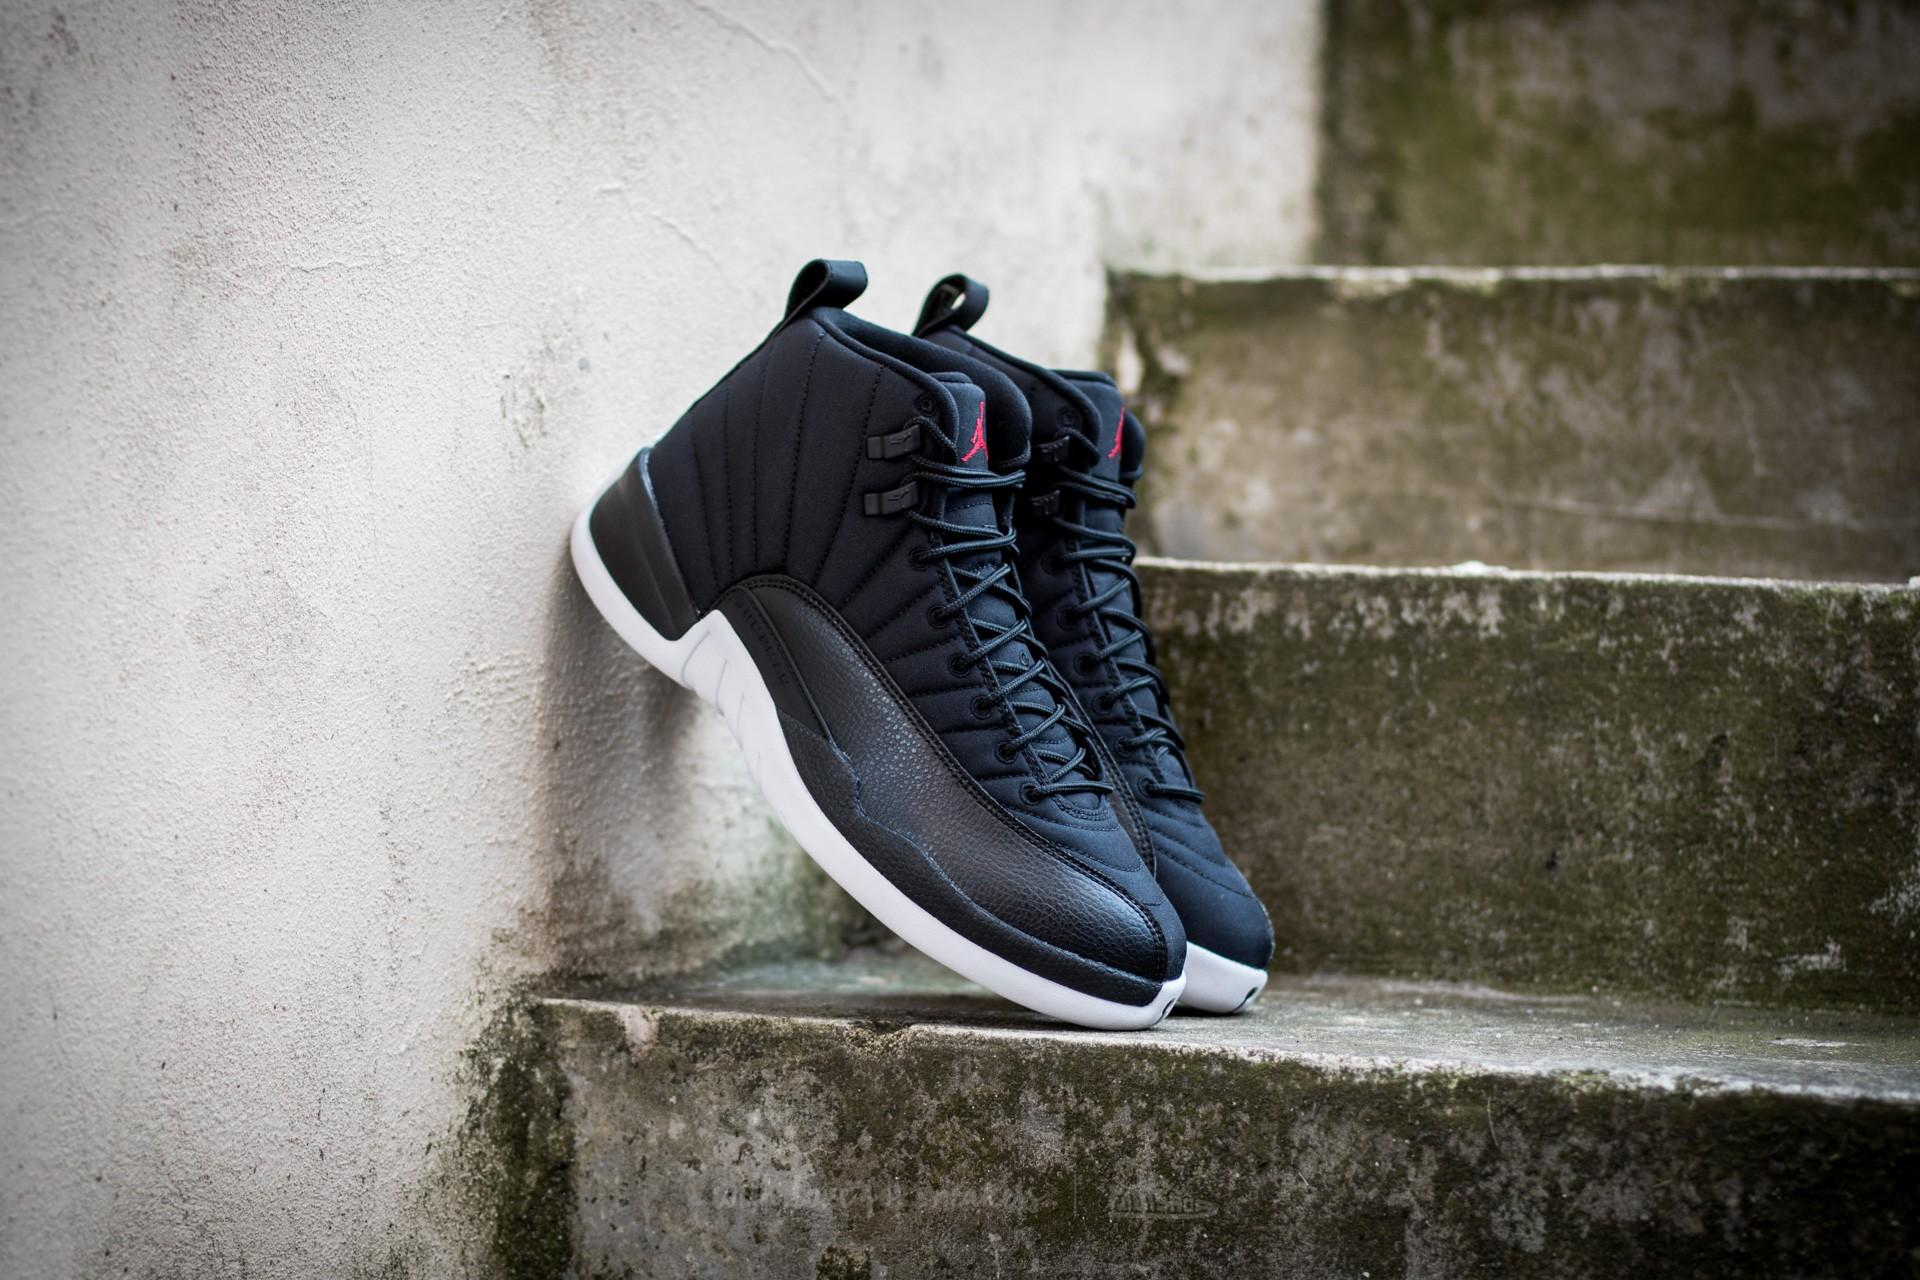 eb0158b9414 Nové tenisky Air Jordan 12 Retro v černo bílé